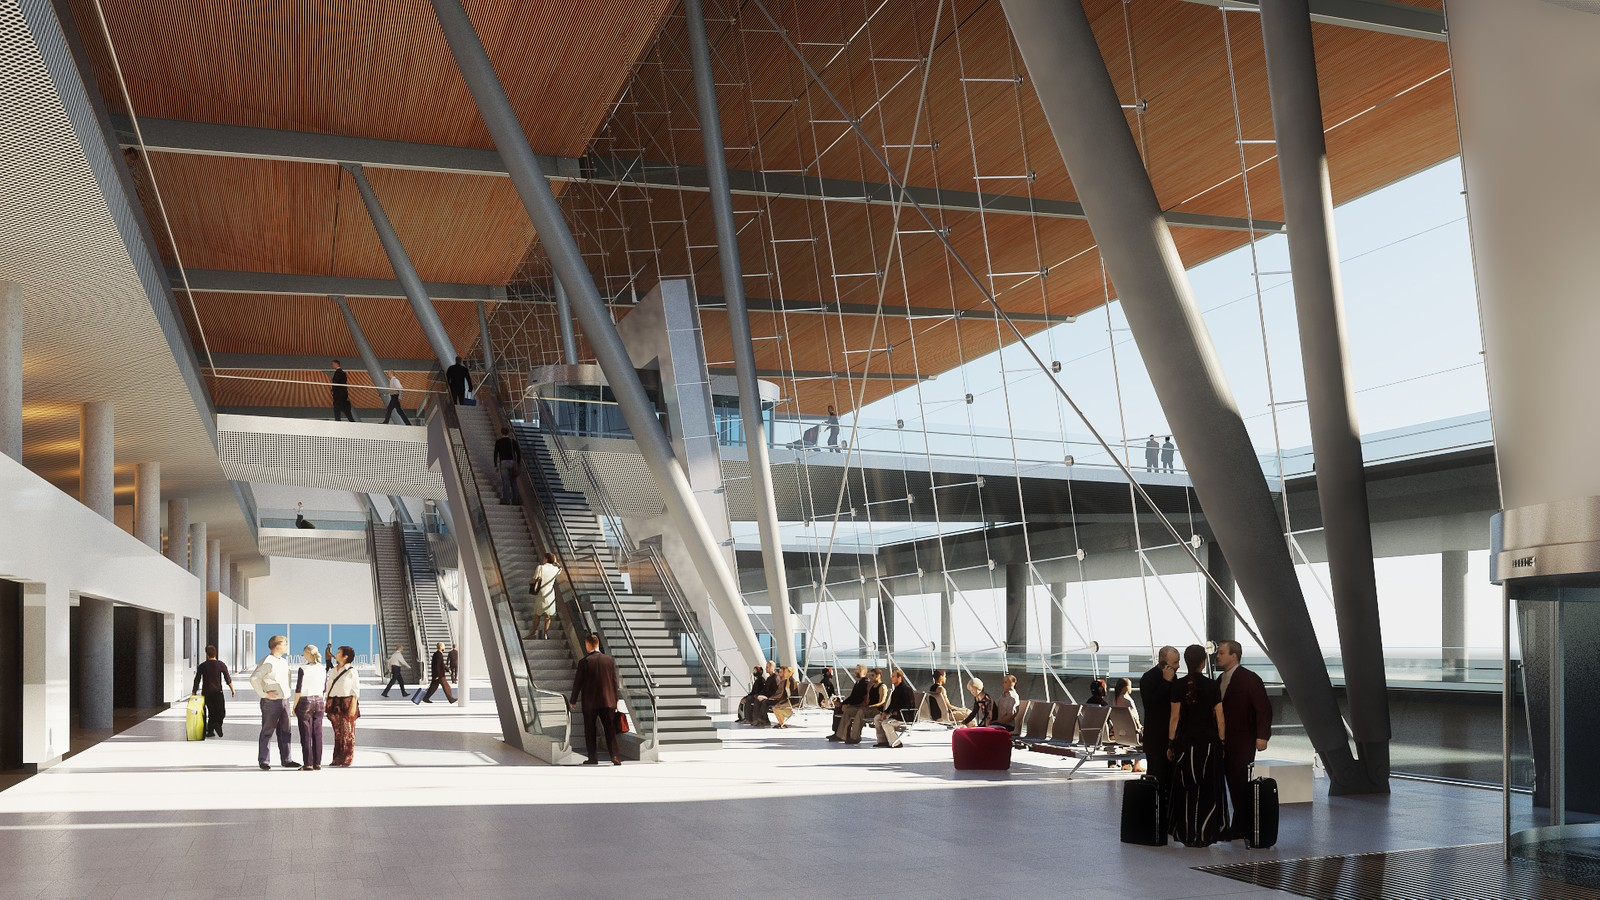 ANKOMSTPERRONGEN: Slik vil terminalbyggets front fortone seg for de som ankommer Bergen. Illustrasjon: Nordic – Office of Architecture